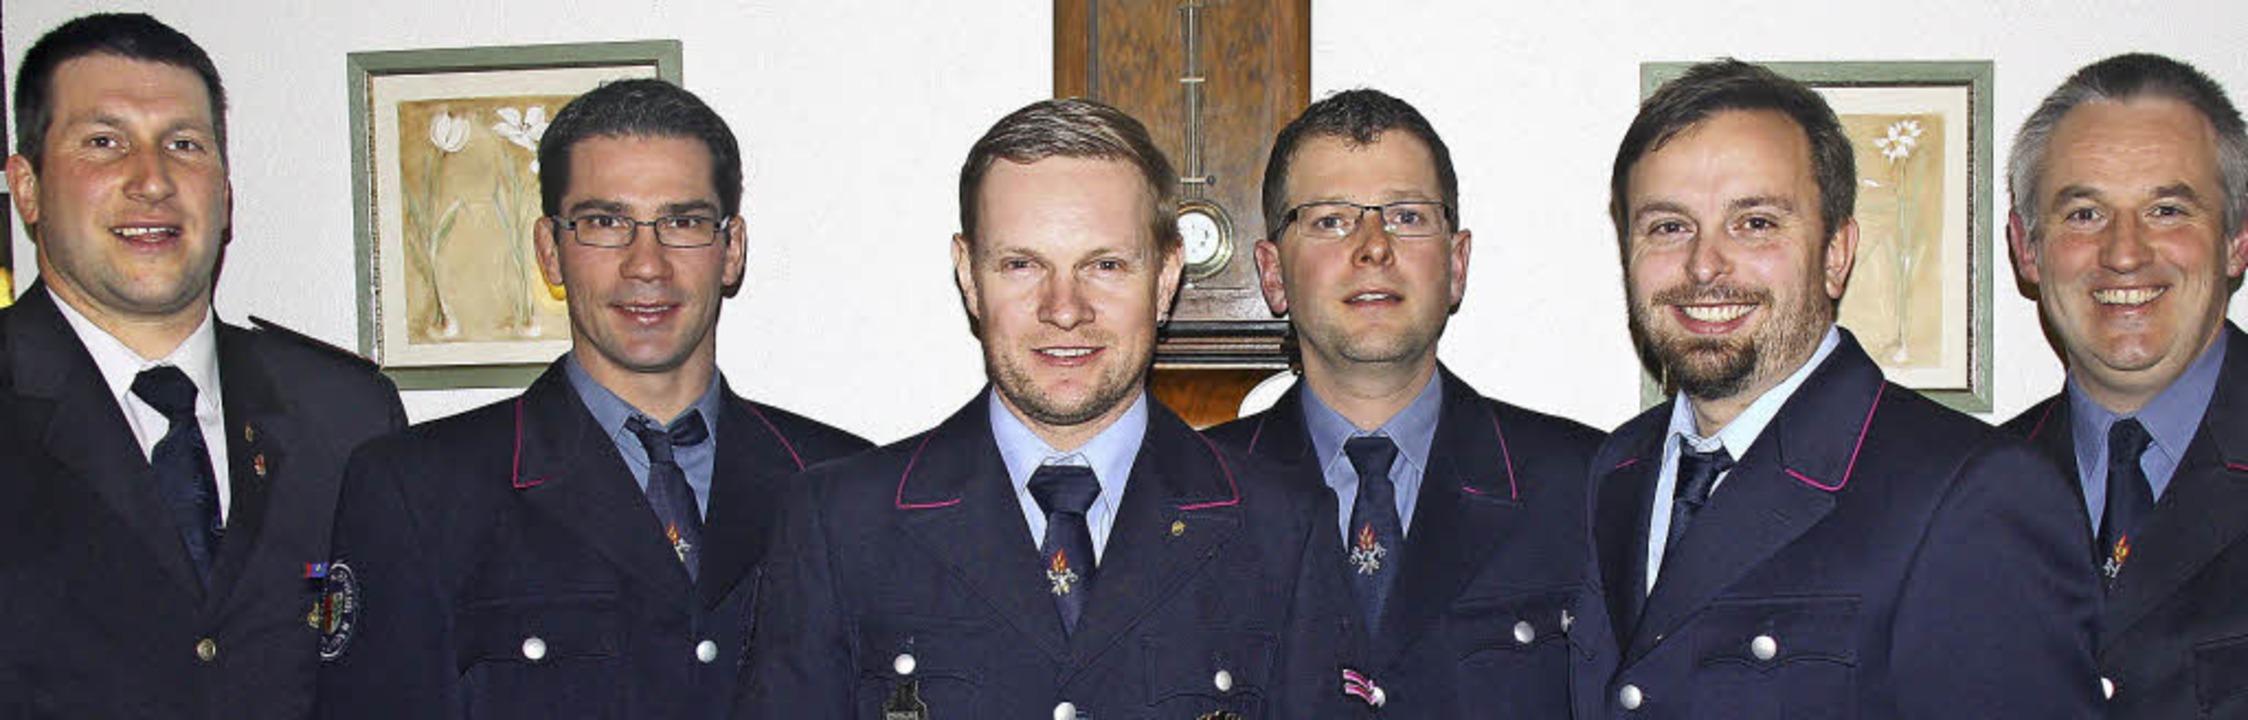 Jens Probst (stellvertretender Gesamtk...inks) führen die Riedlinger Feuerwehr.  | Foto: Yvonne Siemann